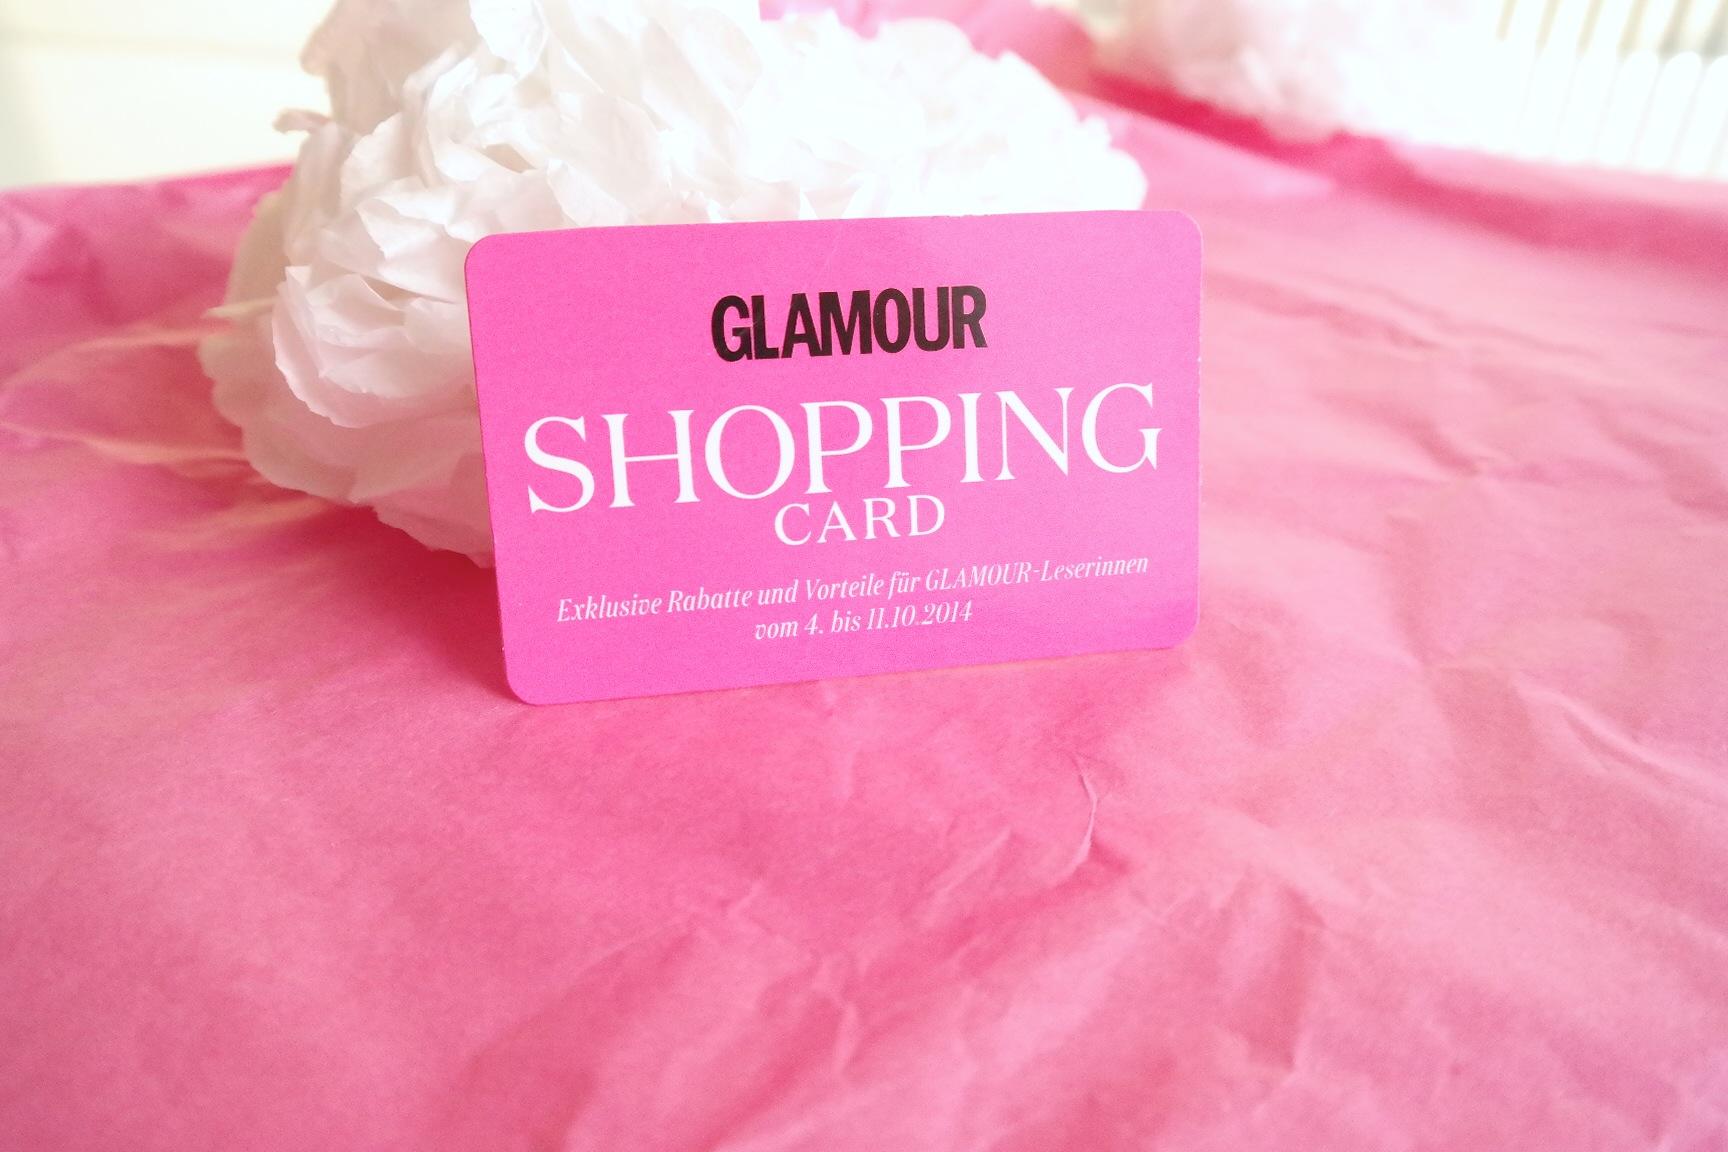 Wir freuen uns auf morgen // Let's go shopping mit der Glamour Shopping Card